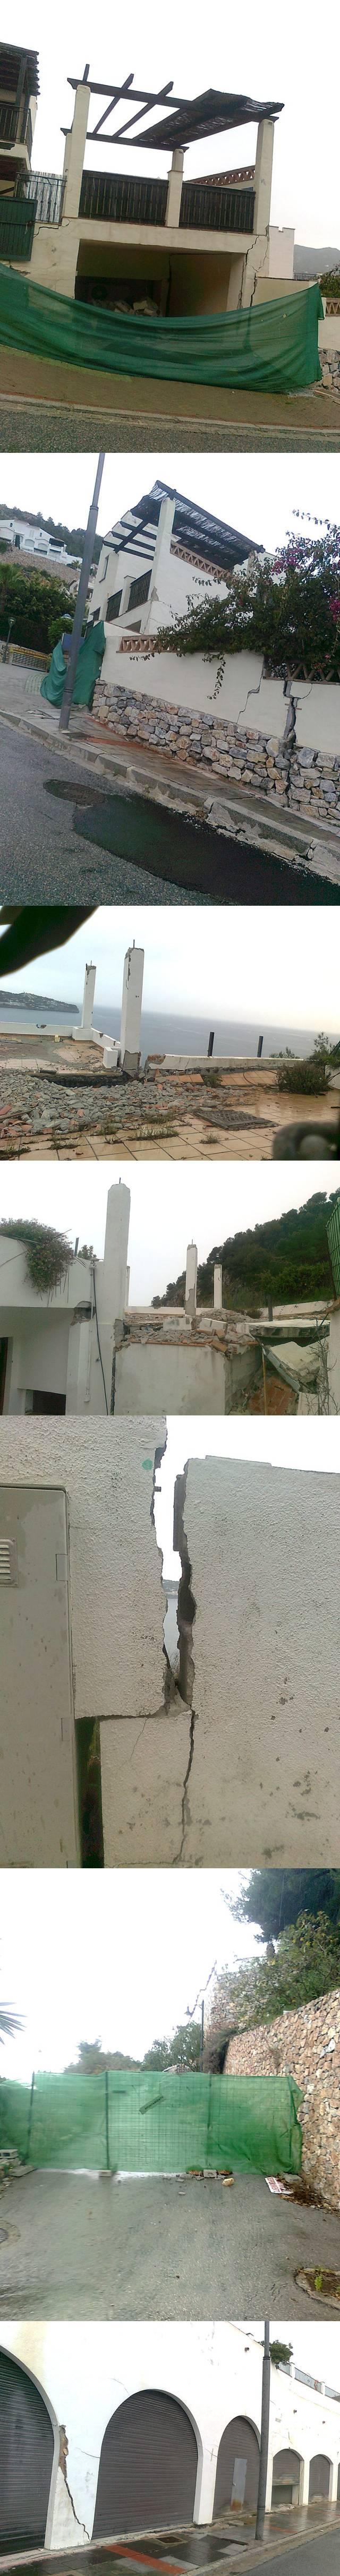 20130412183559-ruinas-varias-carmenes.jpg